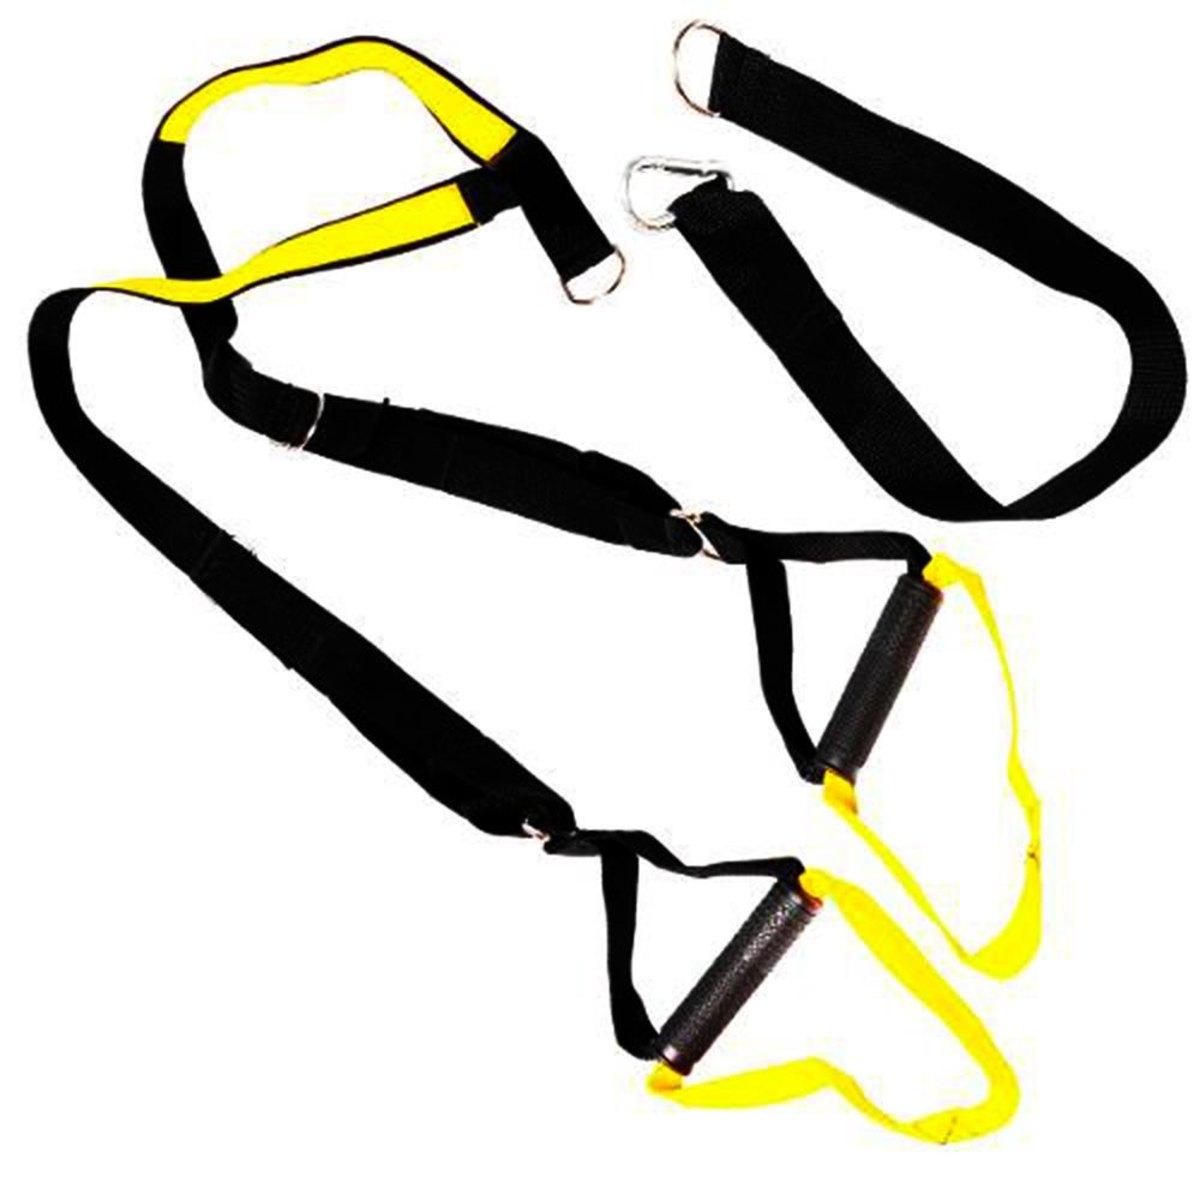 Fita Profissional com Regulagem para Treinamento Suspenso - Rae Fitness